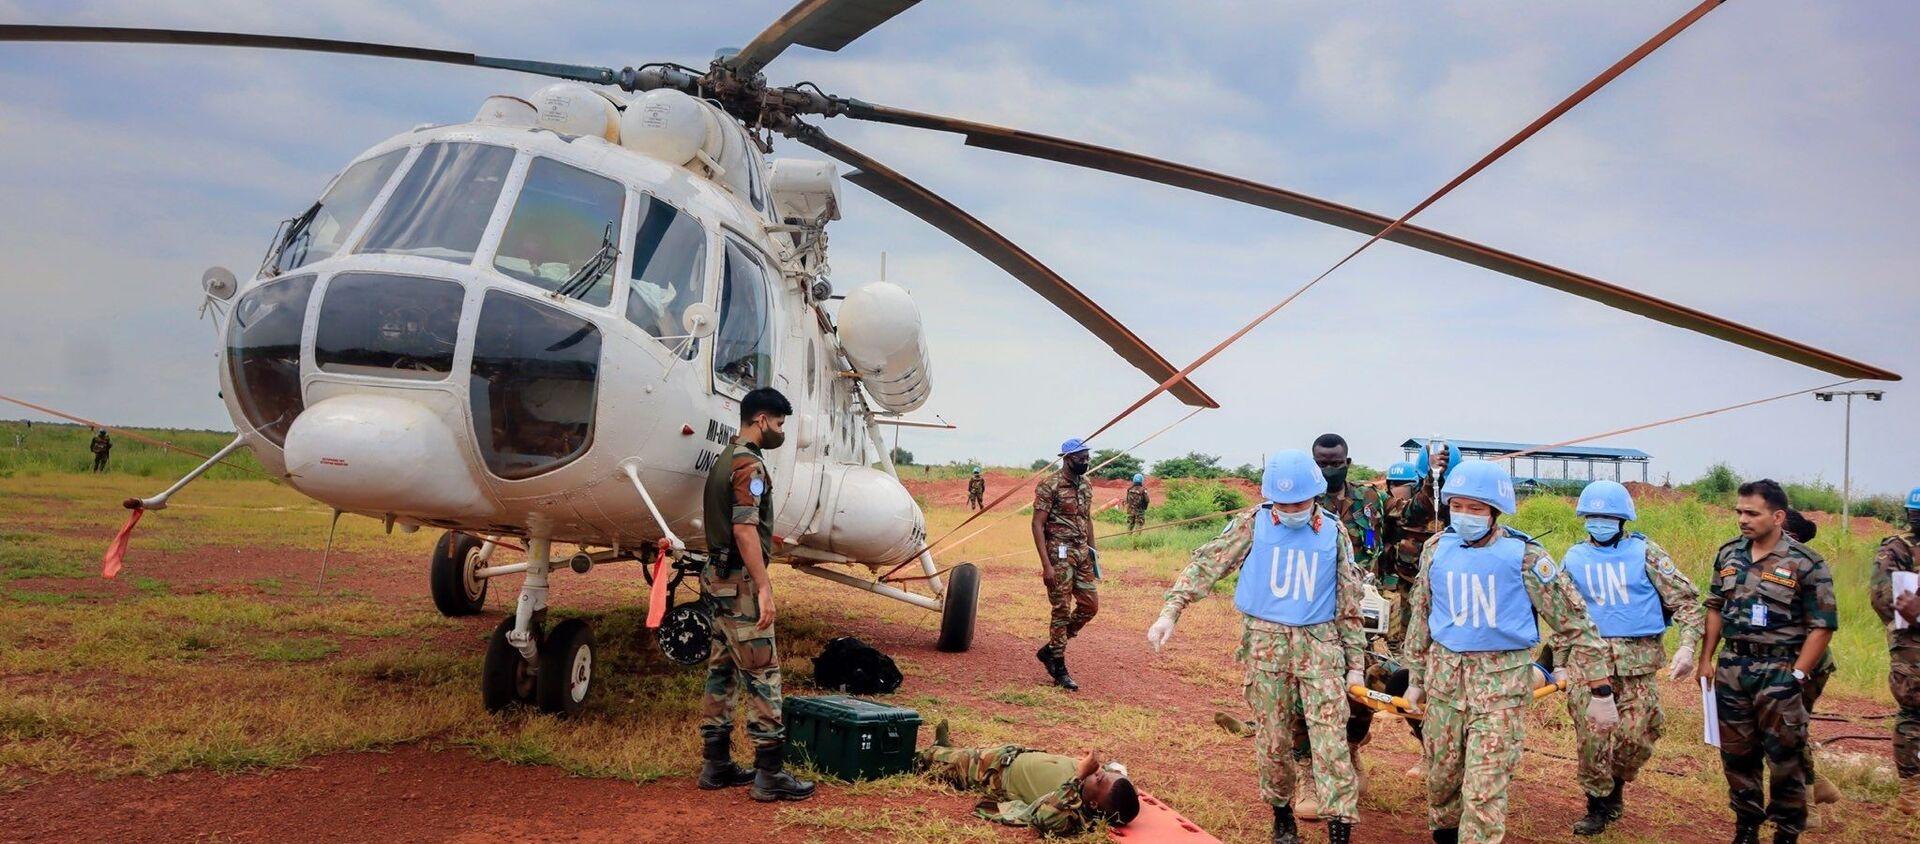 Diễn tập vận chuyển cấp cứu bằng đường không trên thực địa (CASEVAC) của BVDC 2.3 tại sân bay trực thăng Helipad, Bentiu, Nam Sudan - Sputnik Việt Nam, 1920, 16.09.2021